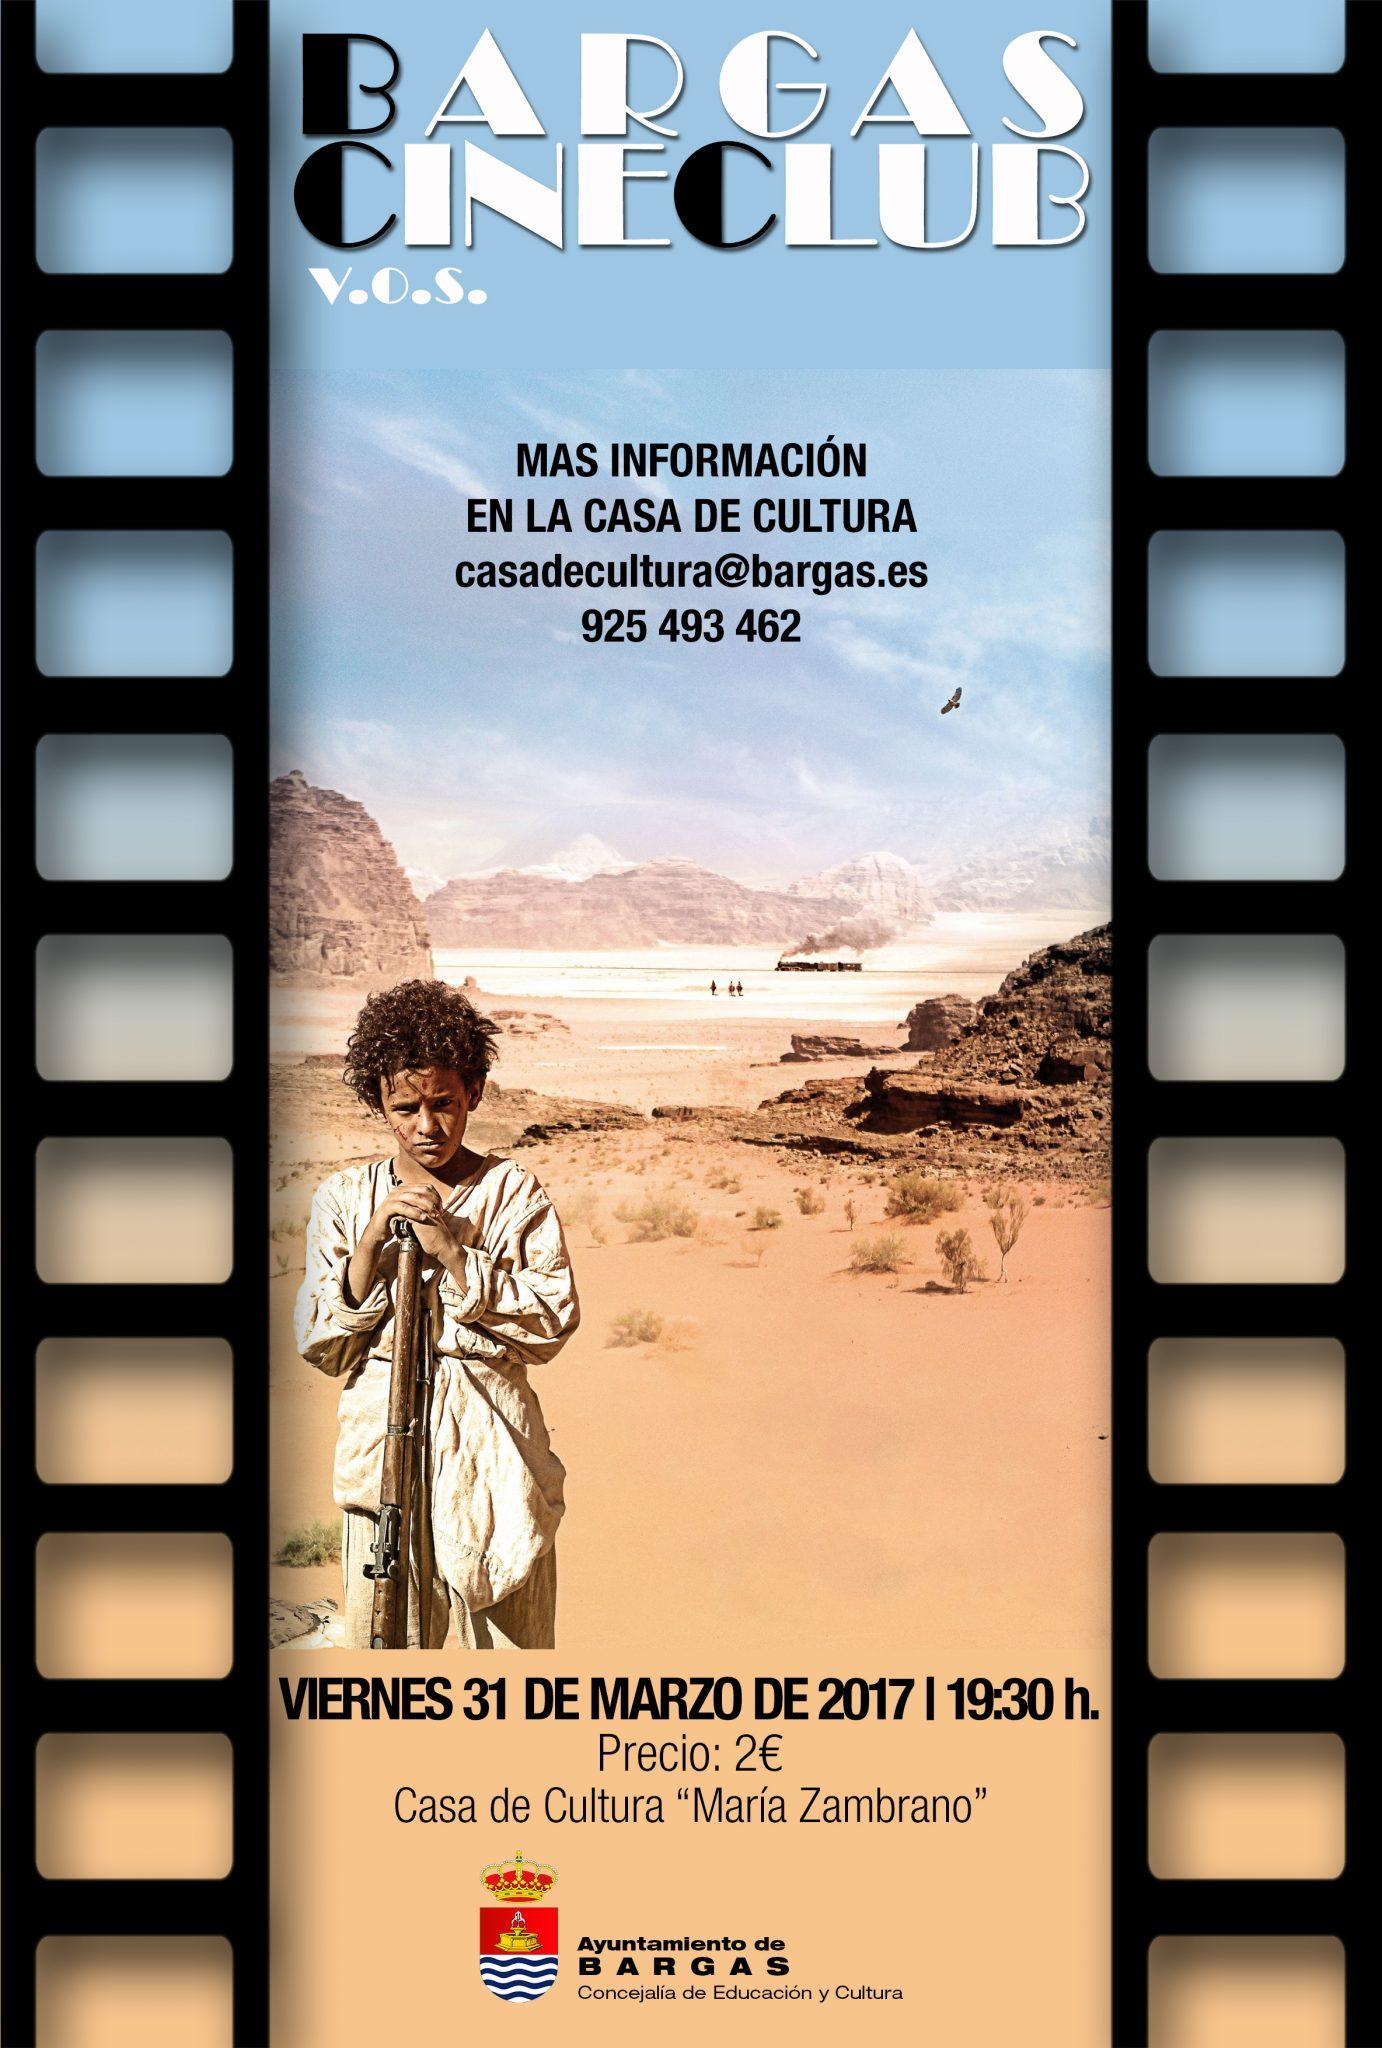 Cineclub V.O.S. Marzo 2017